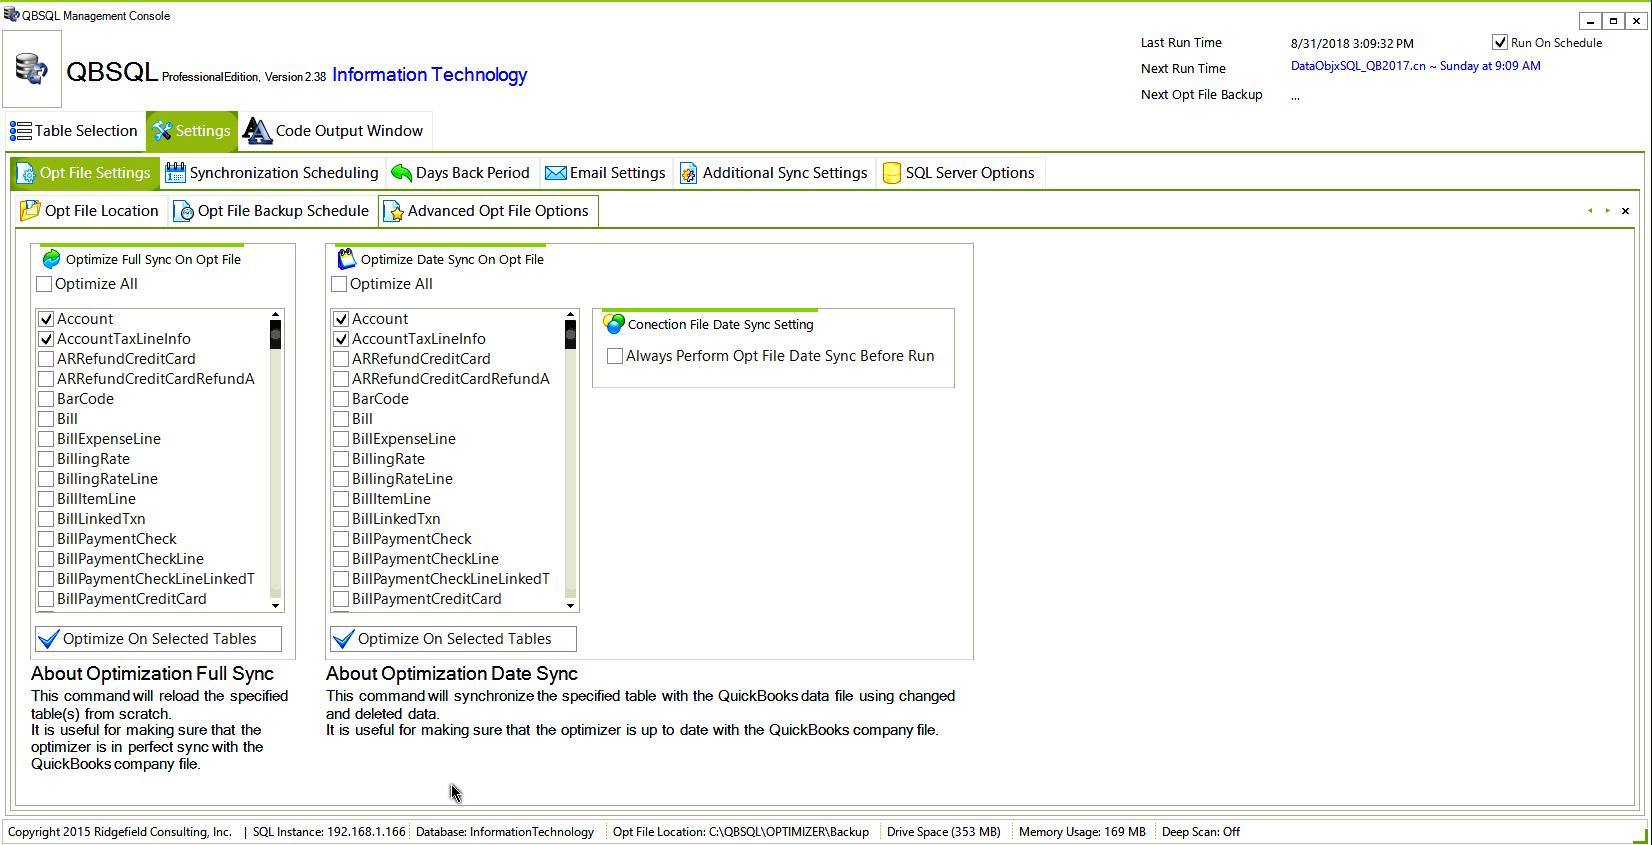 QBSQL, Business & Finance Software Screenshot